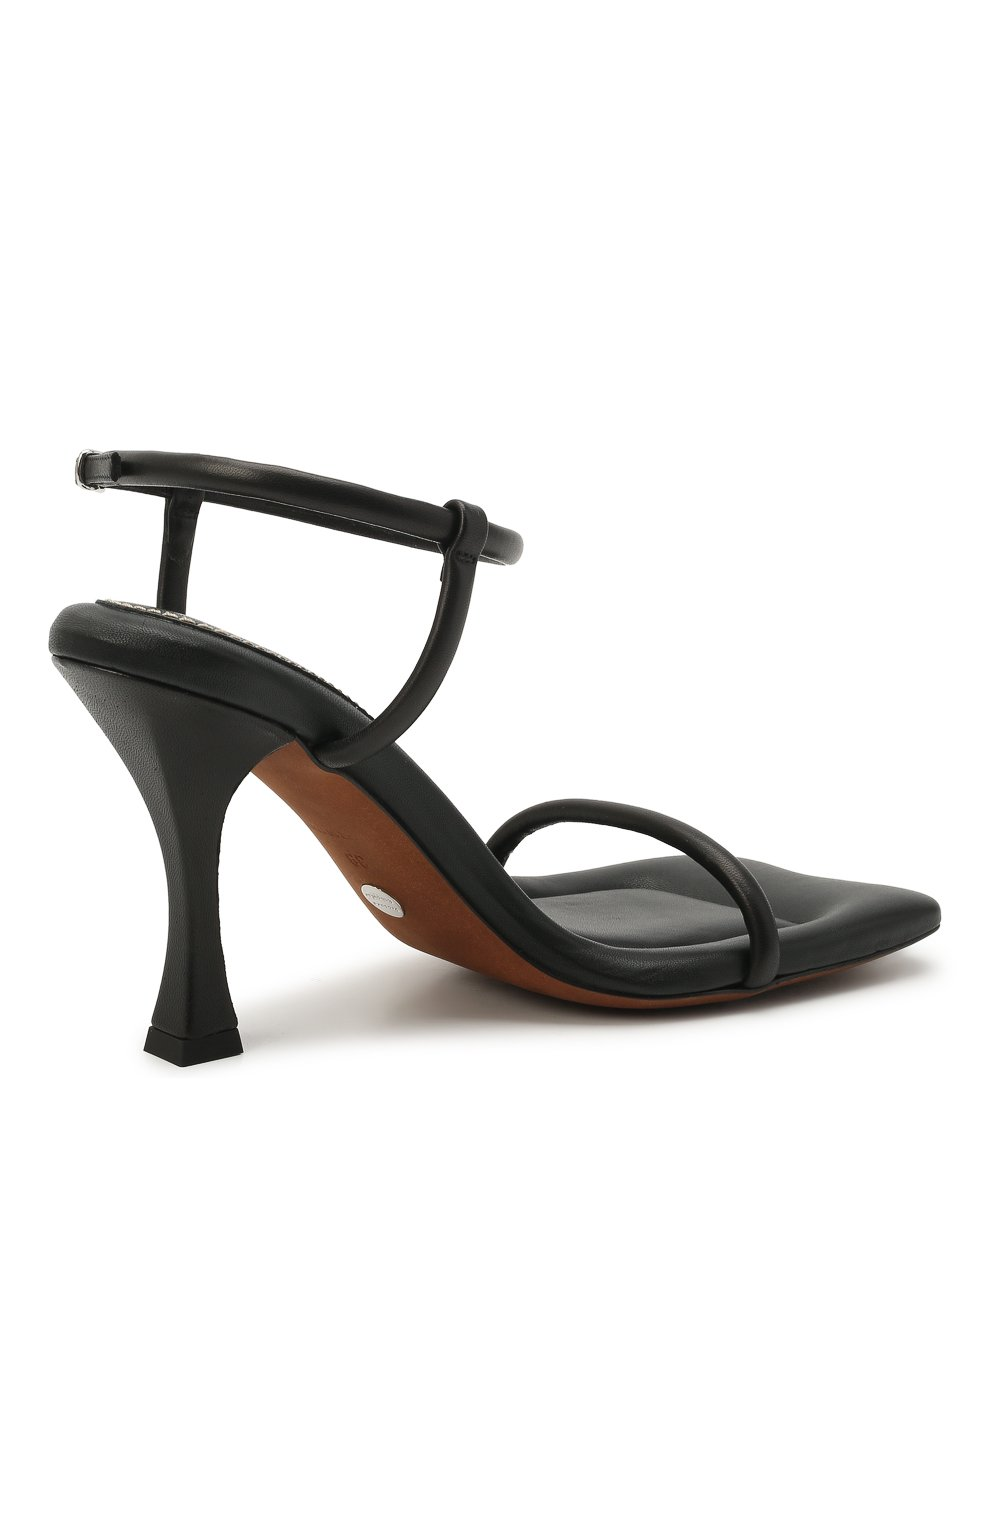 Женские кожаные босоножки PROENZA SCHOULER черного цвета, арт. PS36021A/13001 | Фото 4 (Подошва: Платформа; Каблук высота: Высокий; Материал внутренний: Натуральная кожа; Каблук тип: Шпилька)